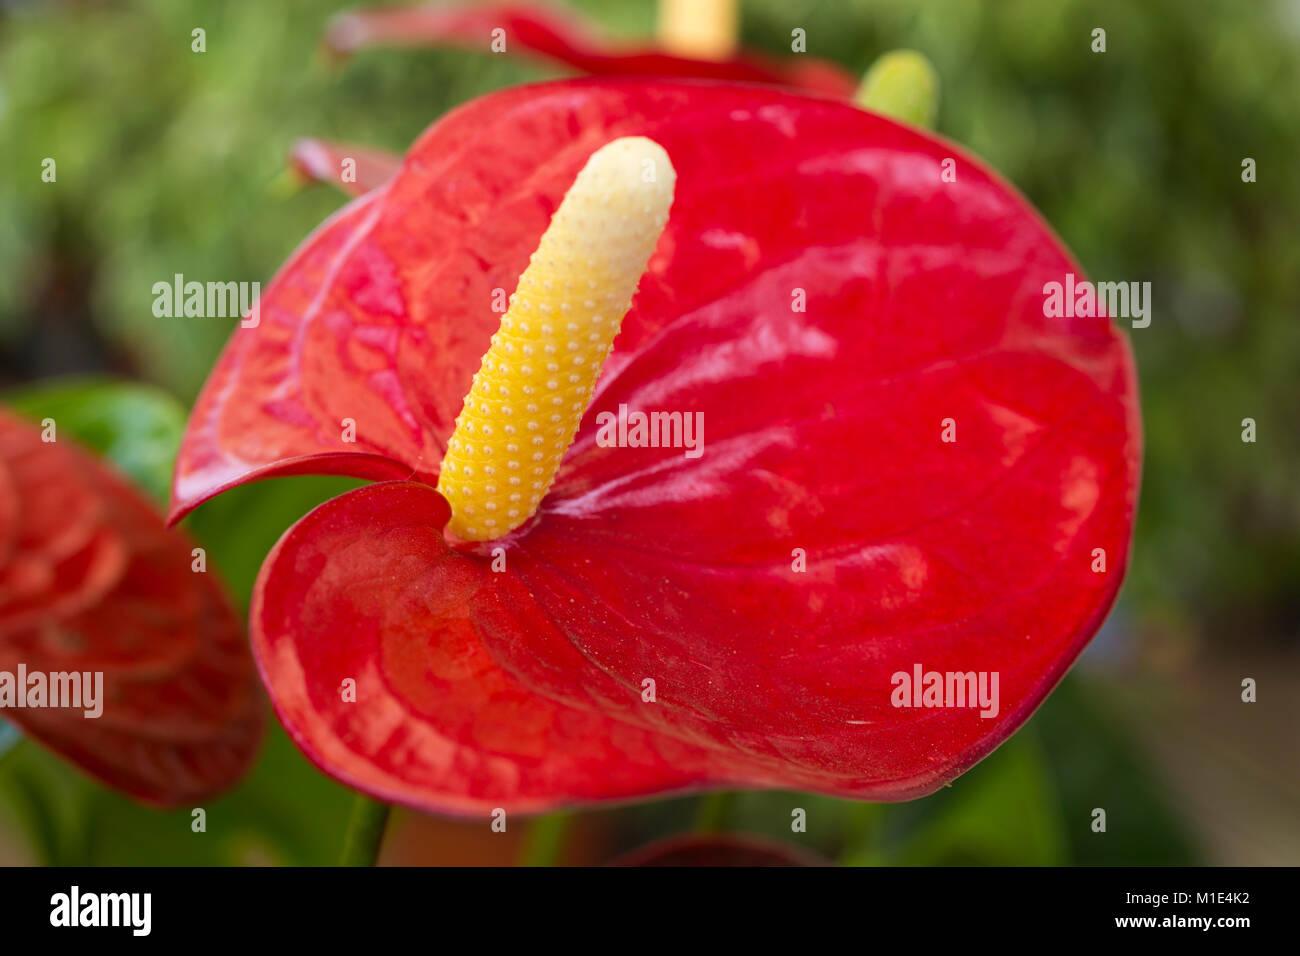 Andreanum stock photos andreanum stock images alamy - Anthurium turenza ...